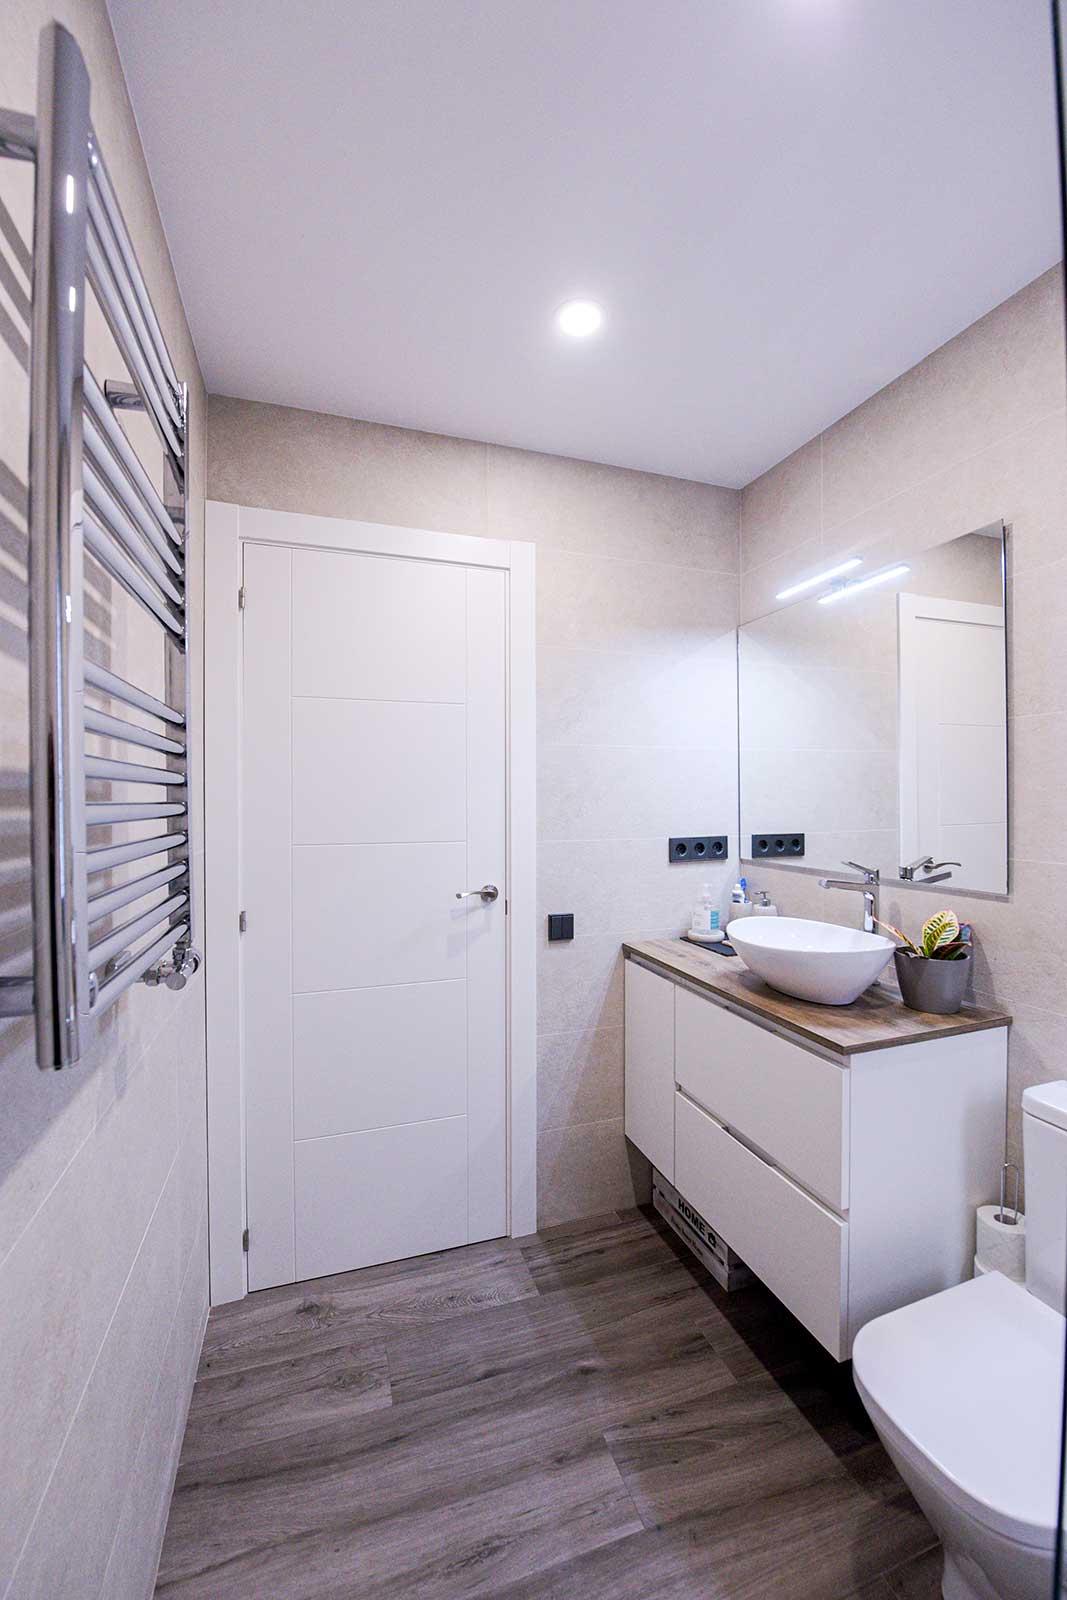 reformes de banys a Santa Perpetua de Moguda